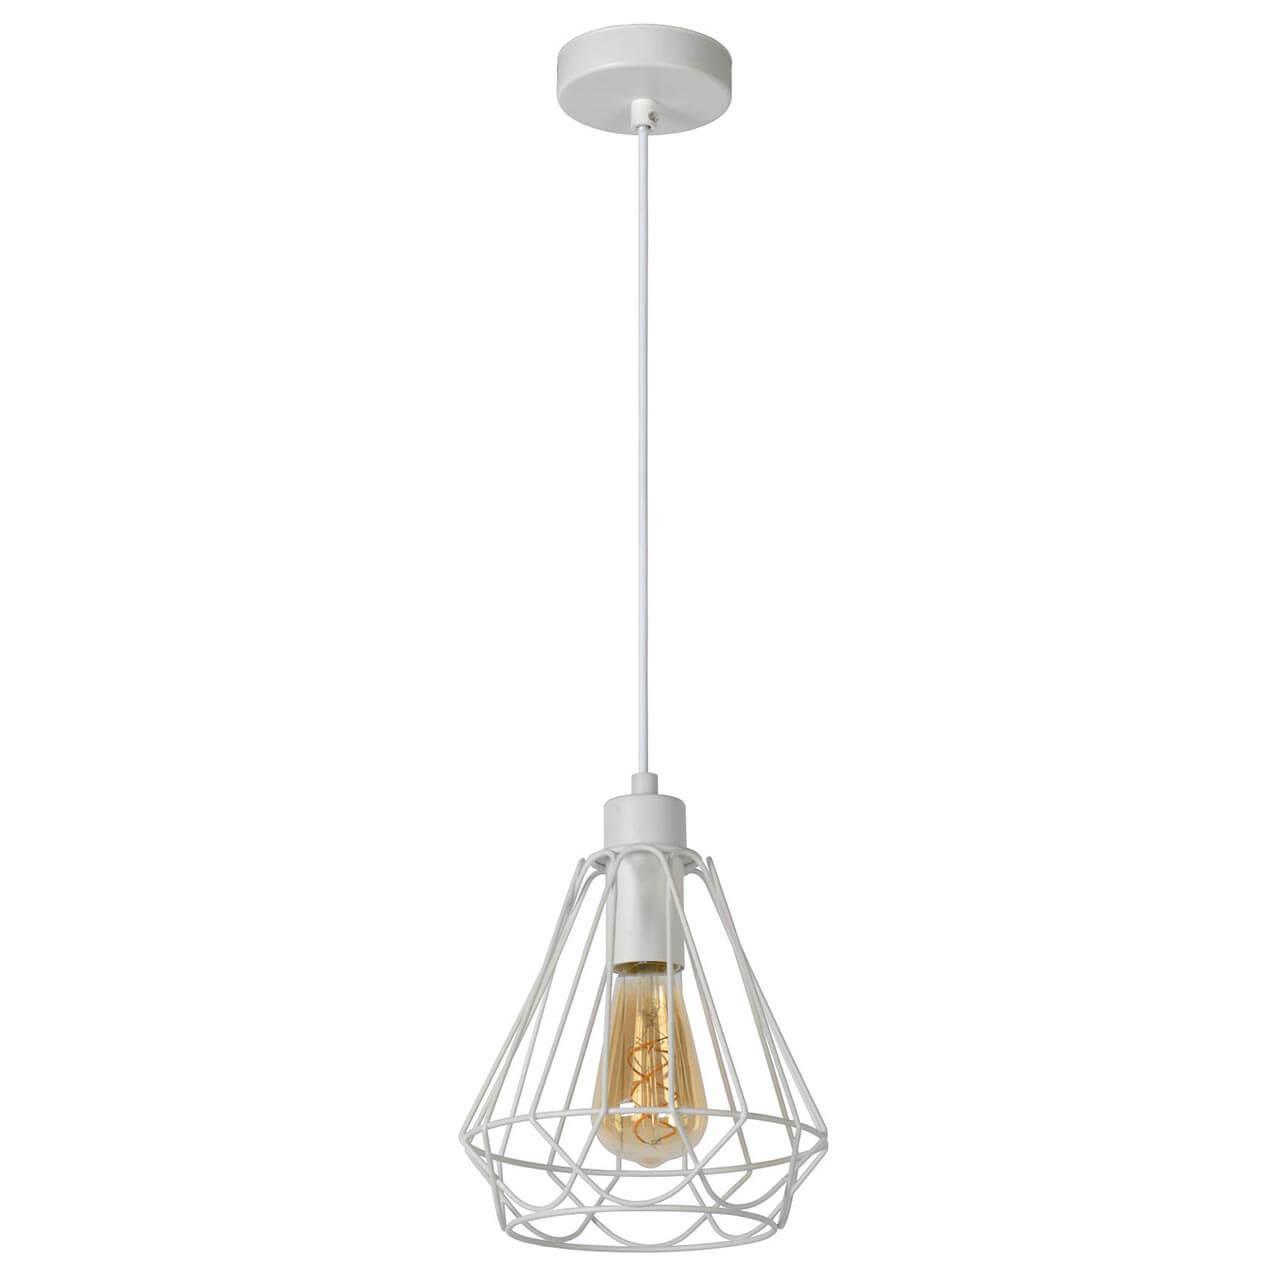 Подвесной светильник Lucide 78385/20/31, E27, 60 Вт подвесной светильник lucide boutique 31422 40 31